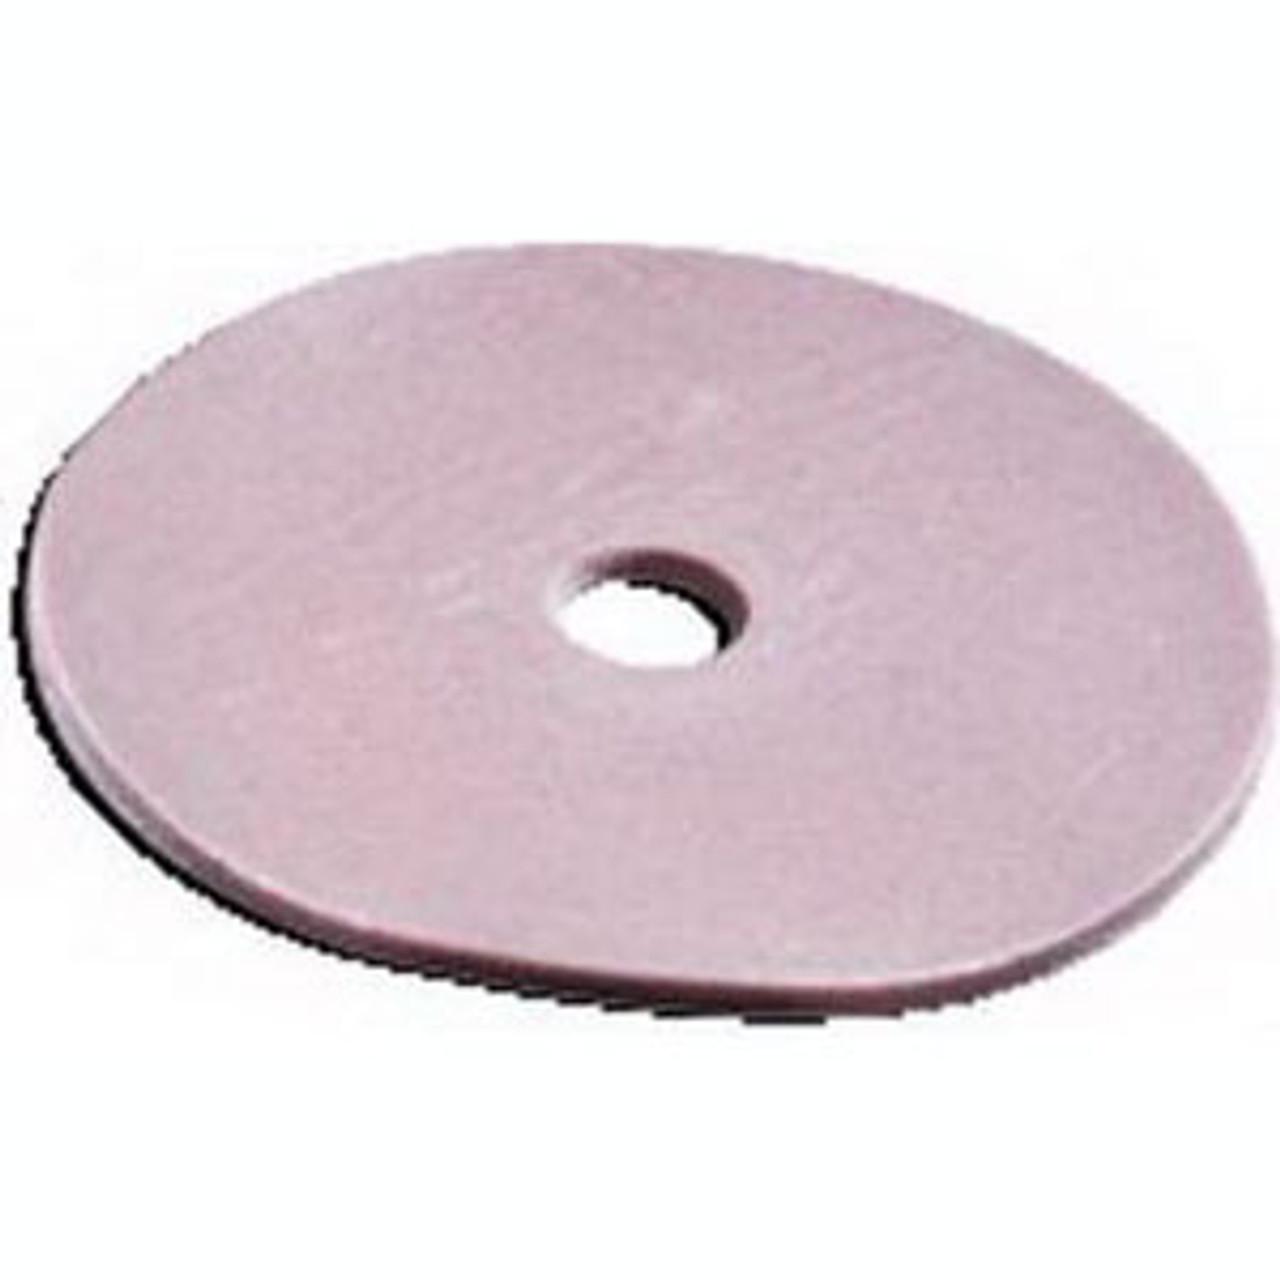 Super Thin Disc, 3